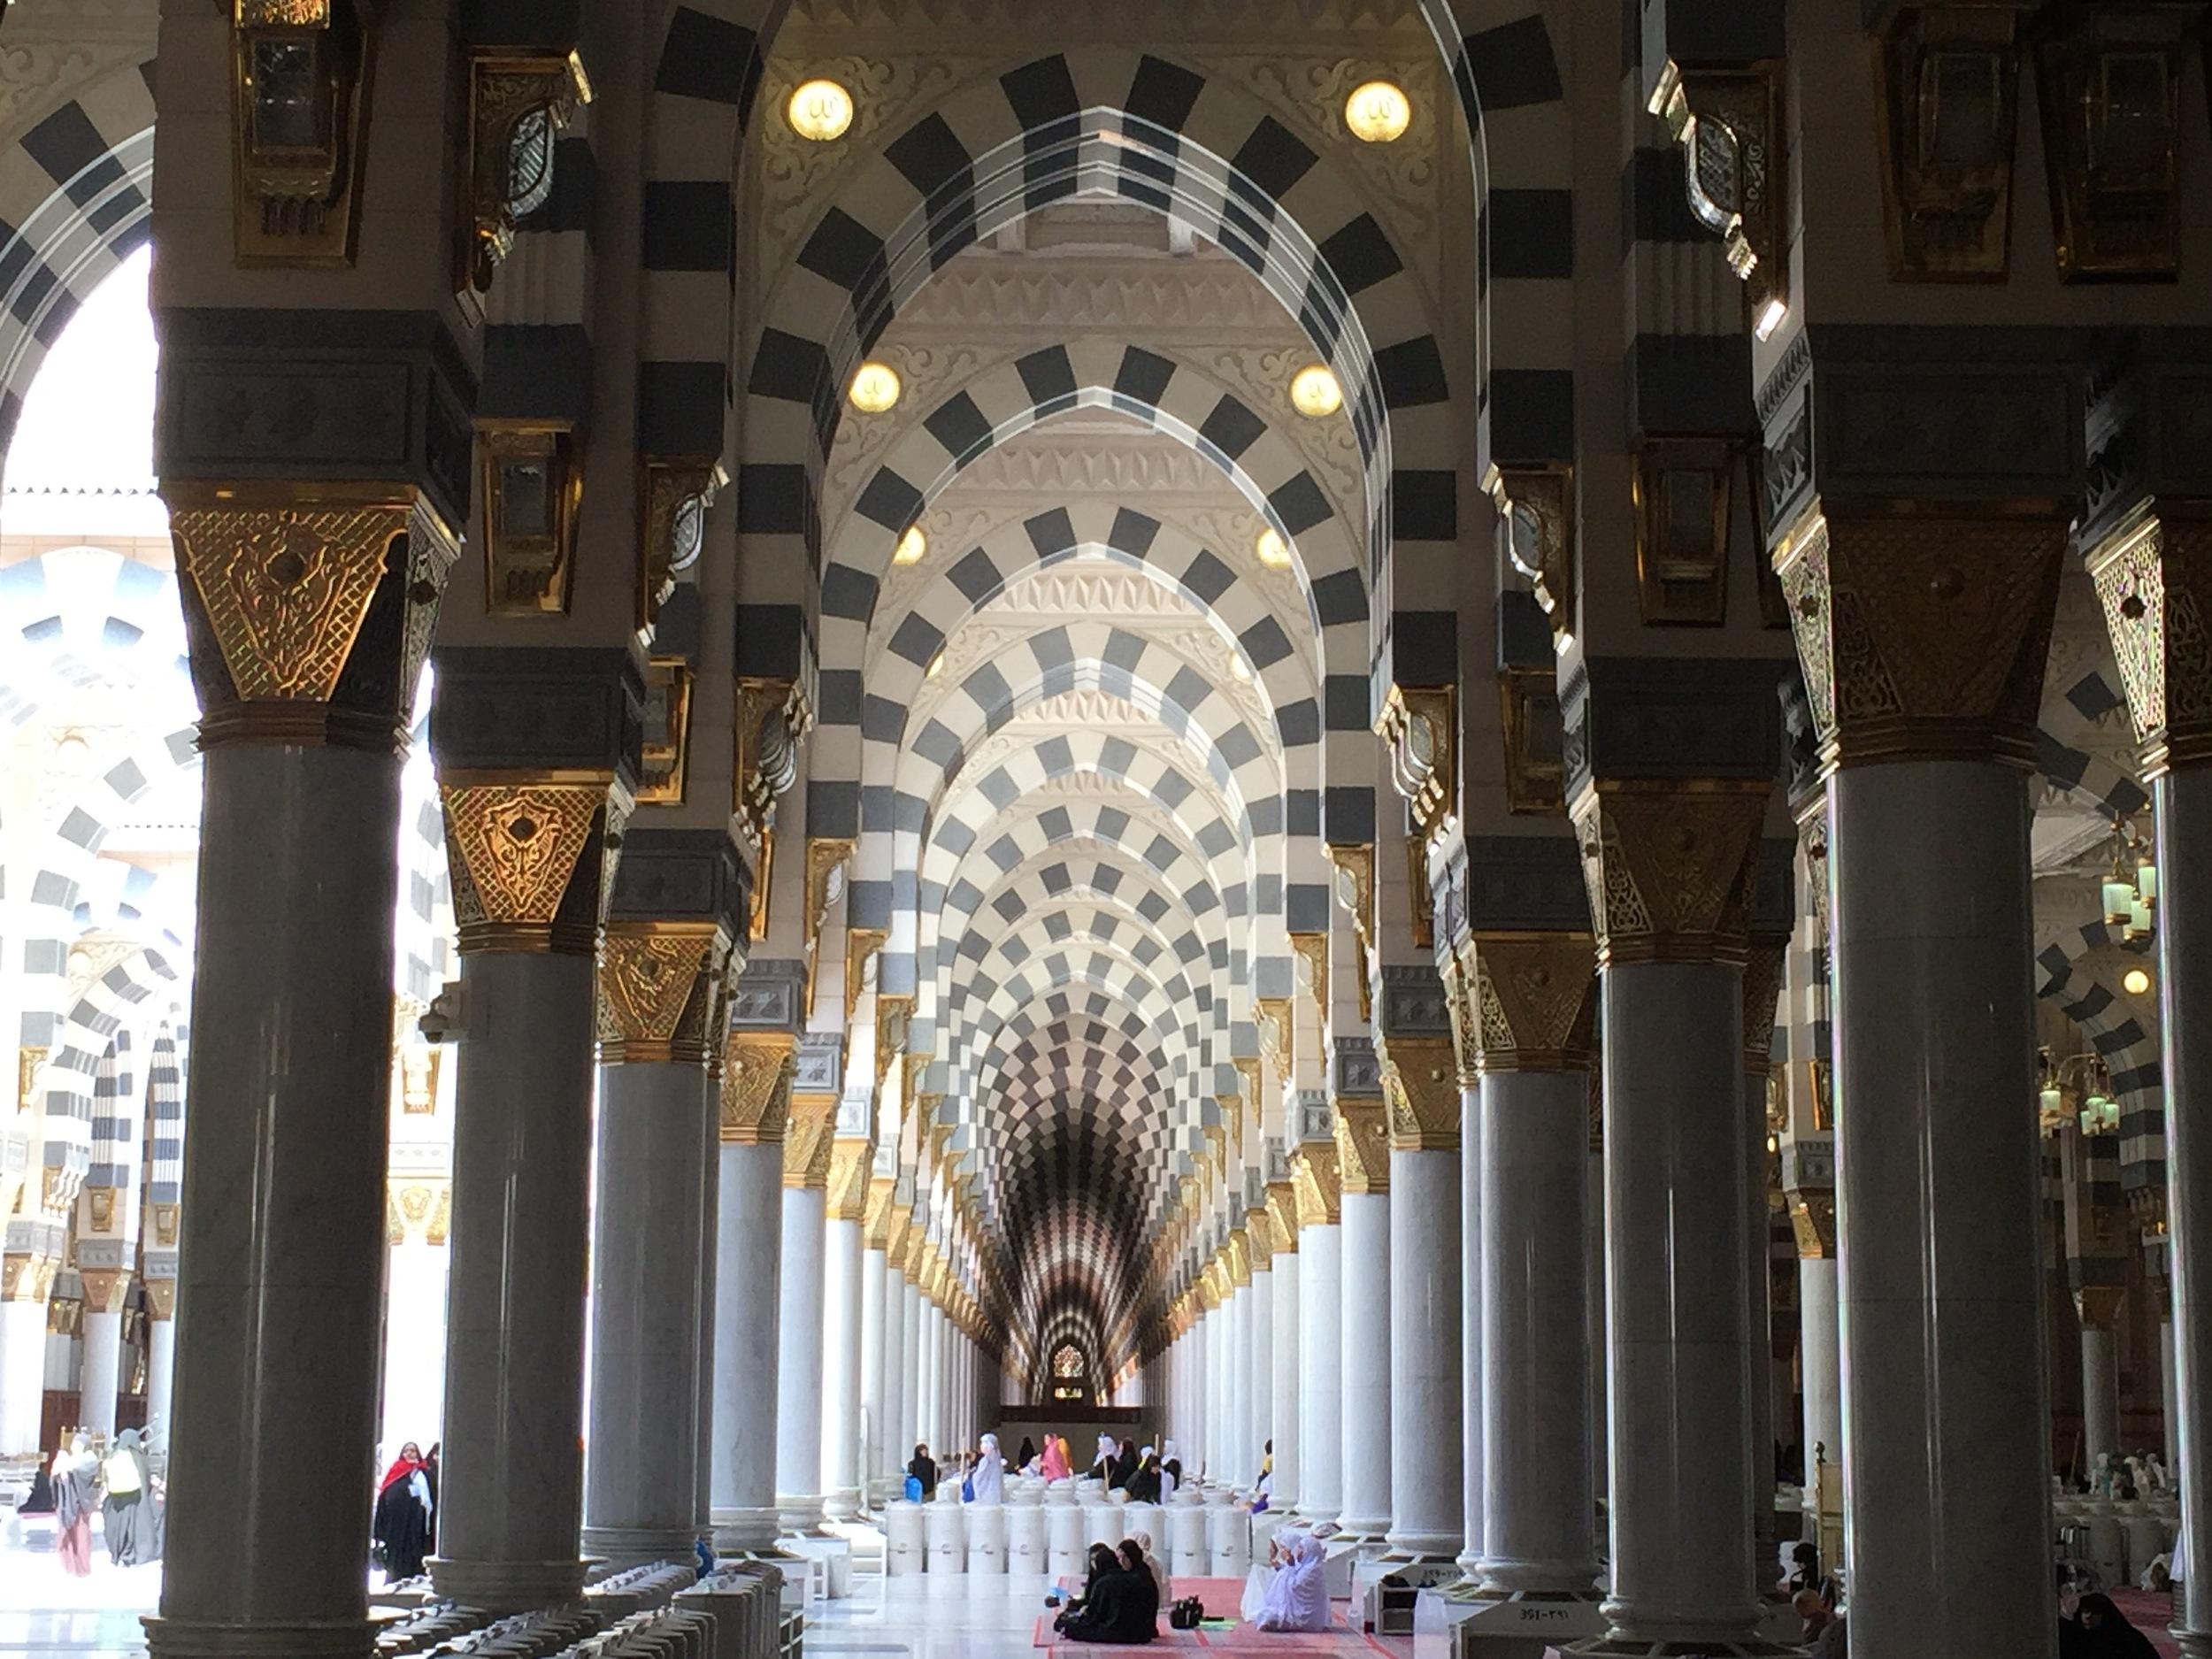 Islamic interior design in the prophet's mosque